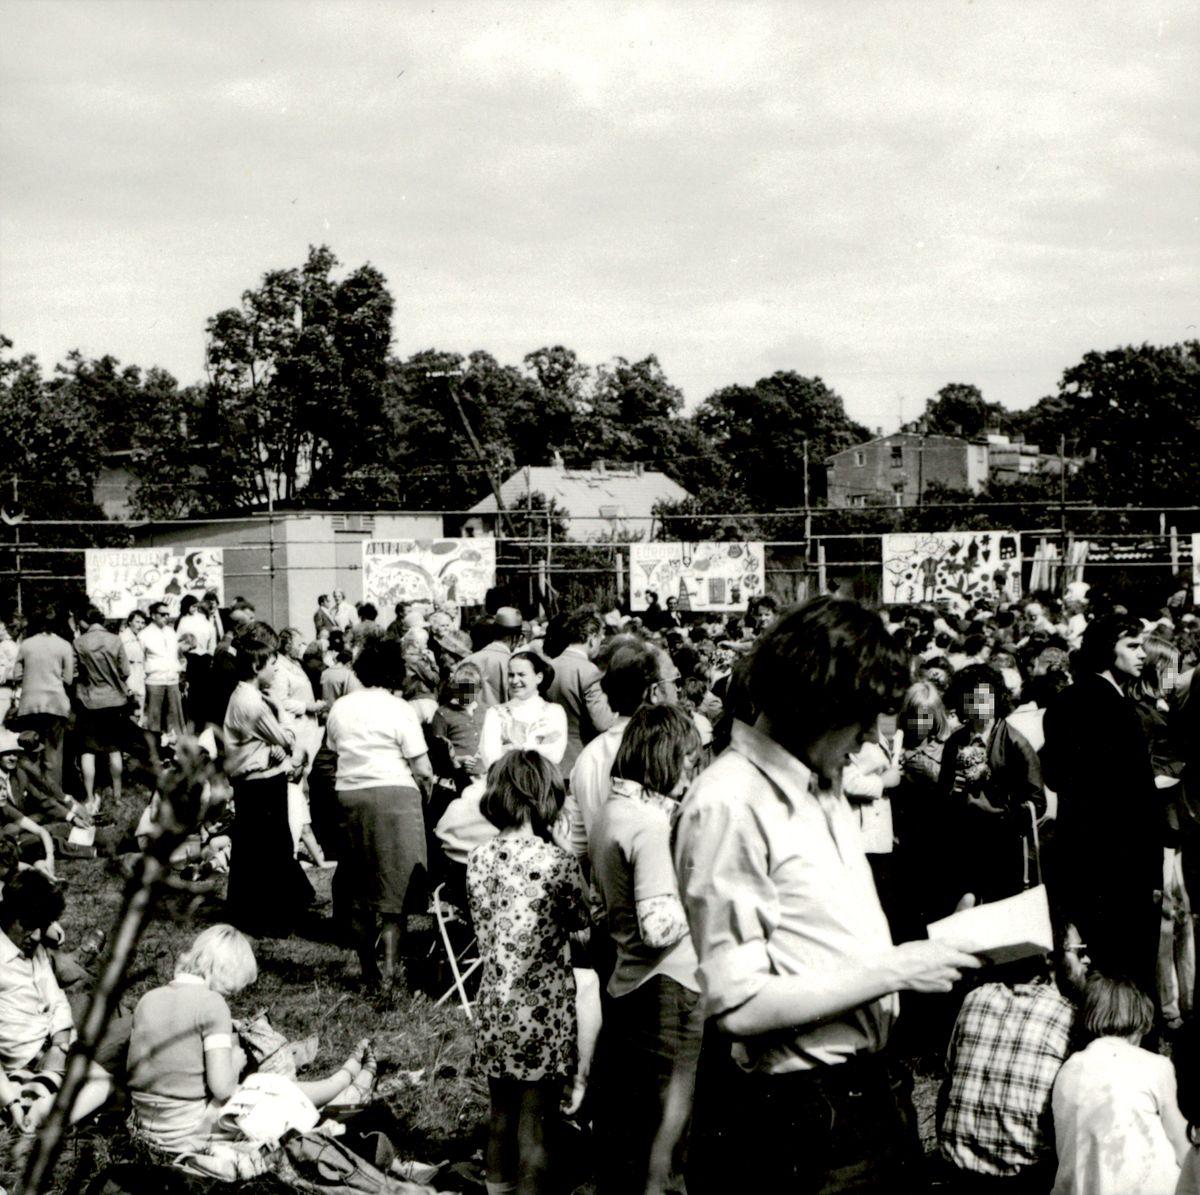 [Das schwarz-weiße Lichtbild zeigt eine Ansammlung von Menschen auf einem freien Platz. Überwiegend stehen die Personen allen Alters auf der Rasenfläche. Im Hintergrund sind kindlich bemalte Transparente an Zäunen angebracht.]